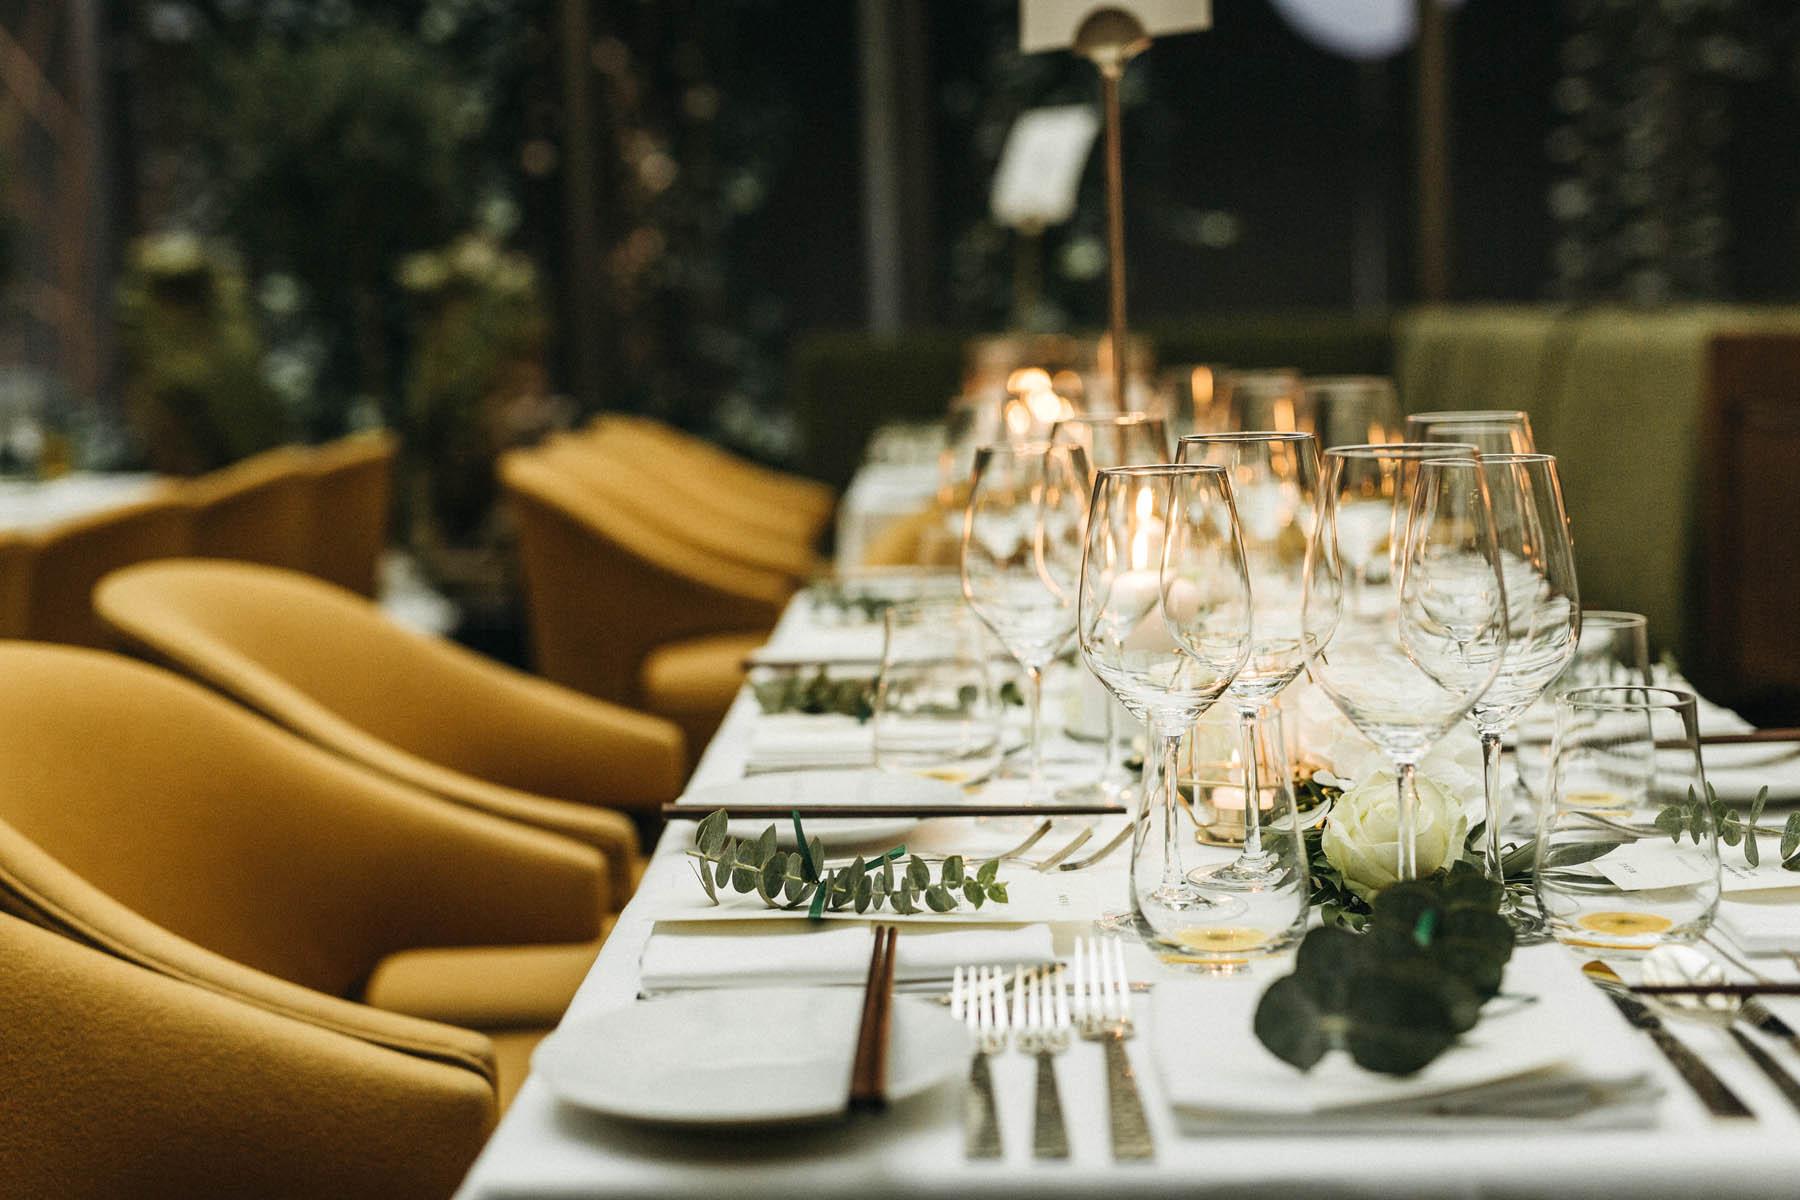 Moderne Hochzeitsdekoration in der Hochzeitslocation im Restaurant Sra Bua in Berlin - Raissa + Simon Fotografie